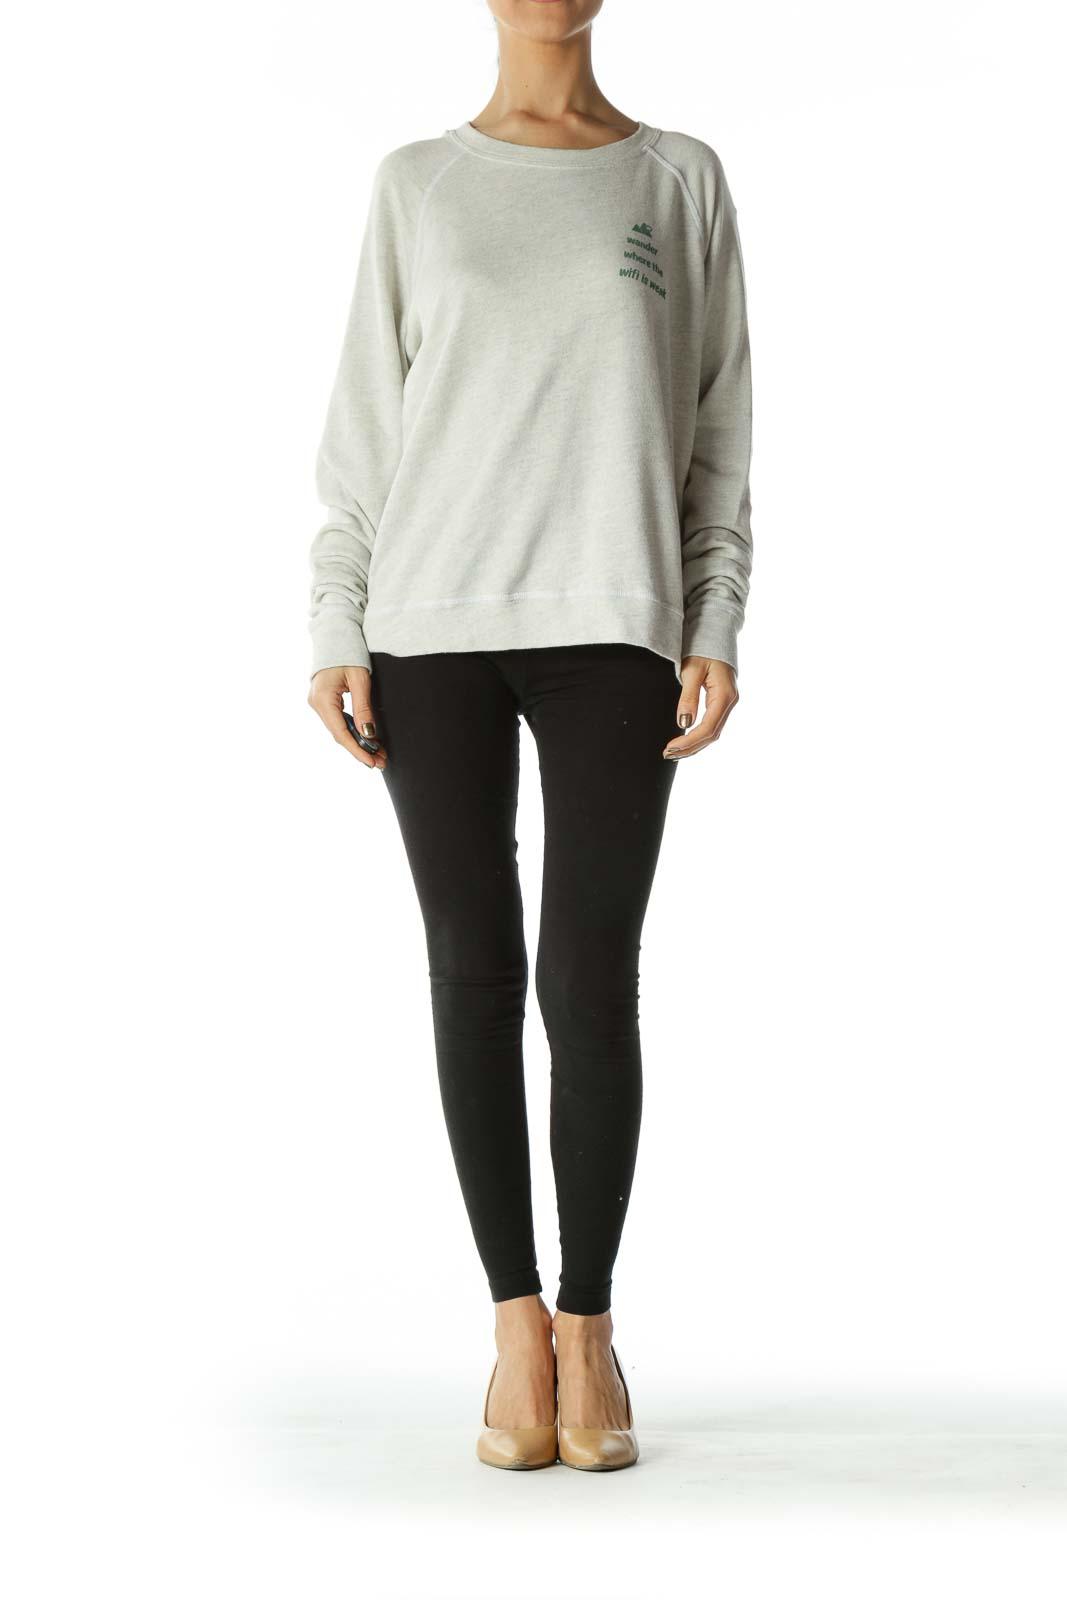 Beige Graphic Soft Sweatshirt